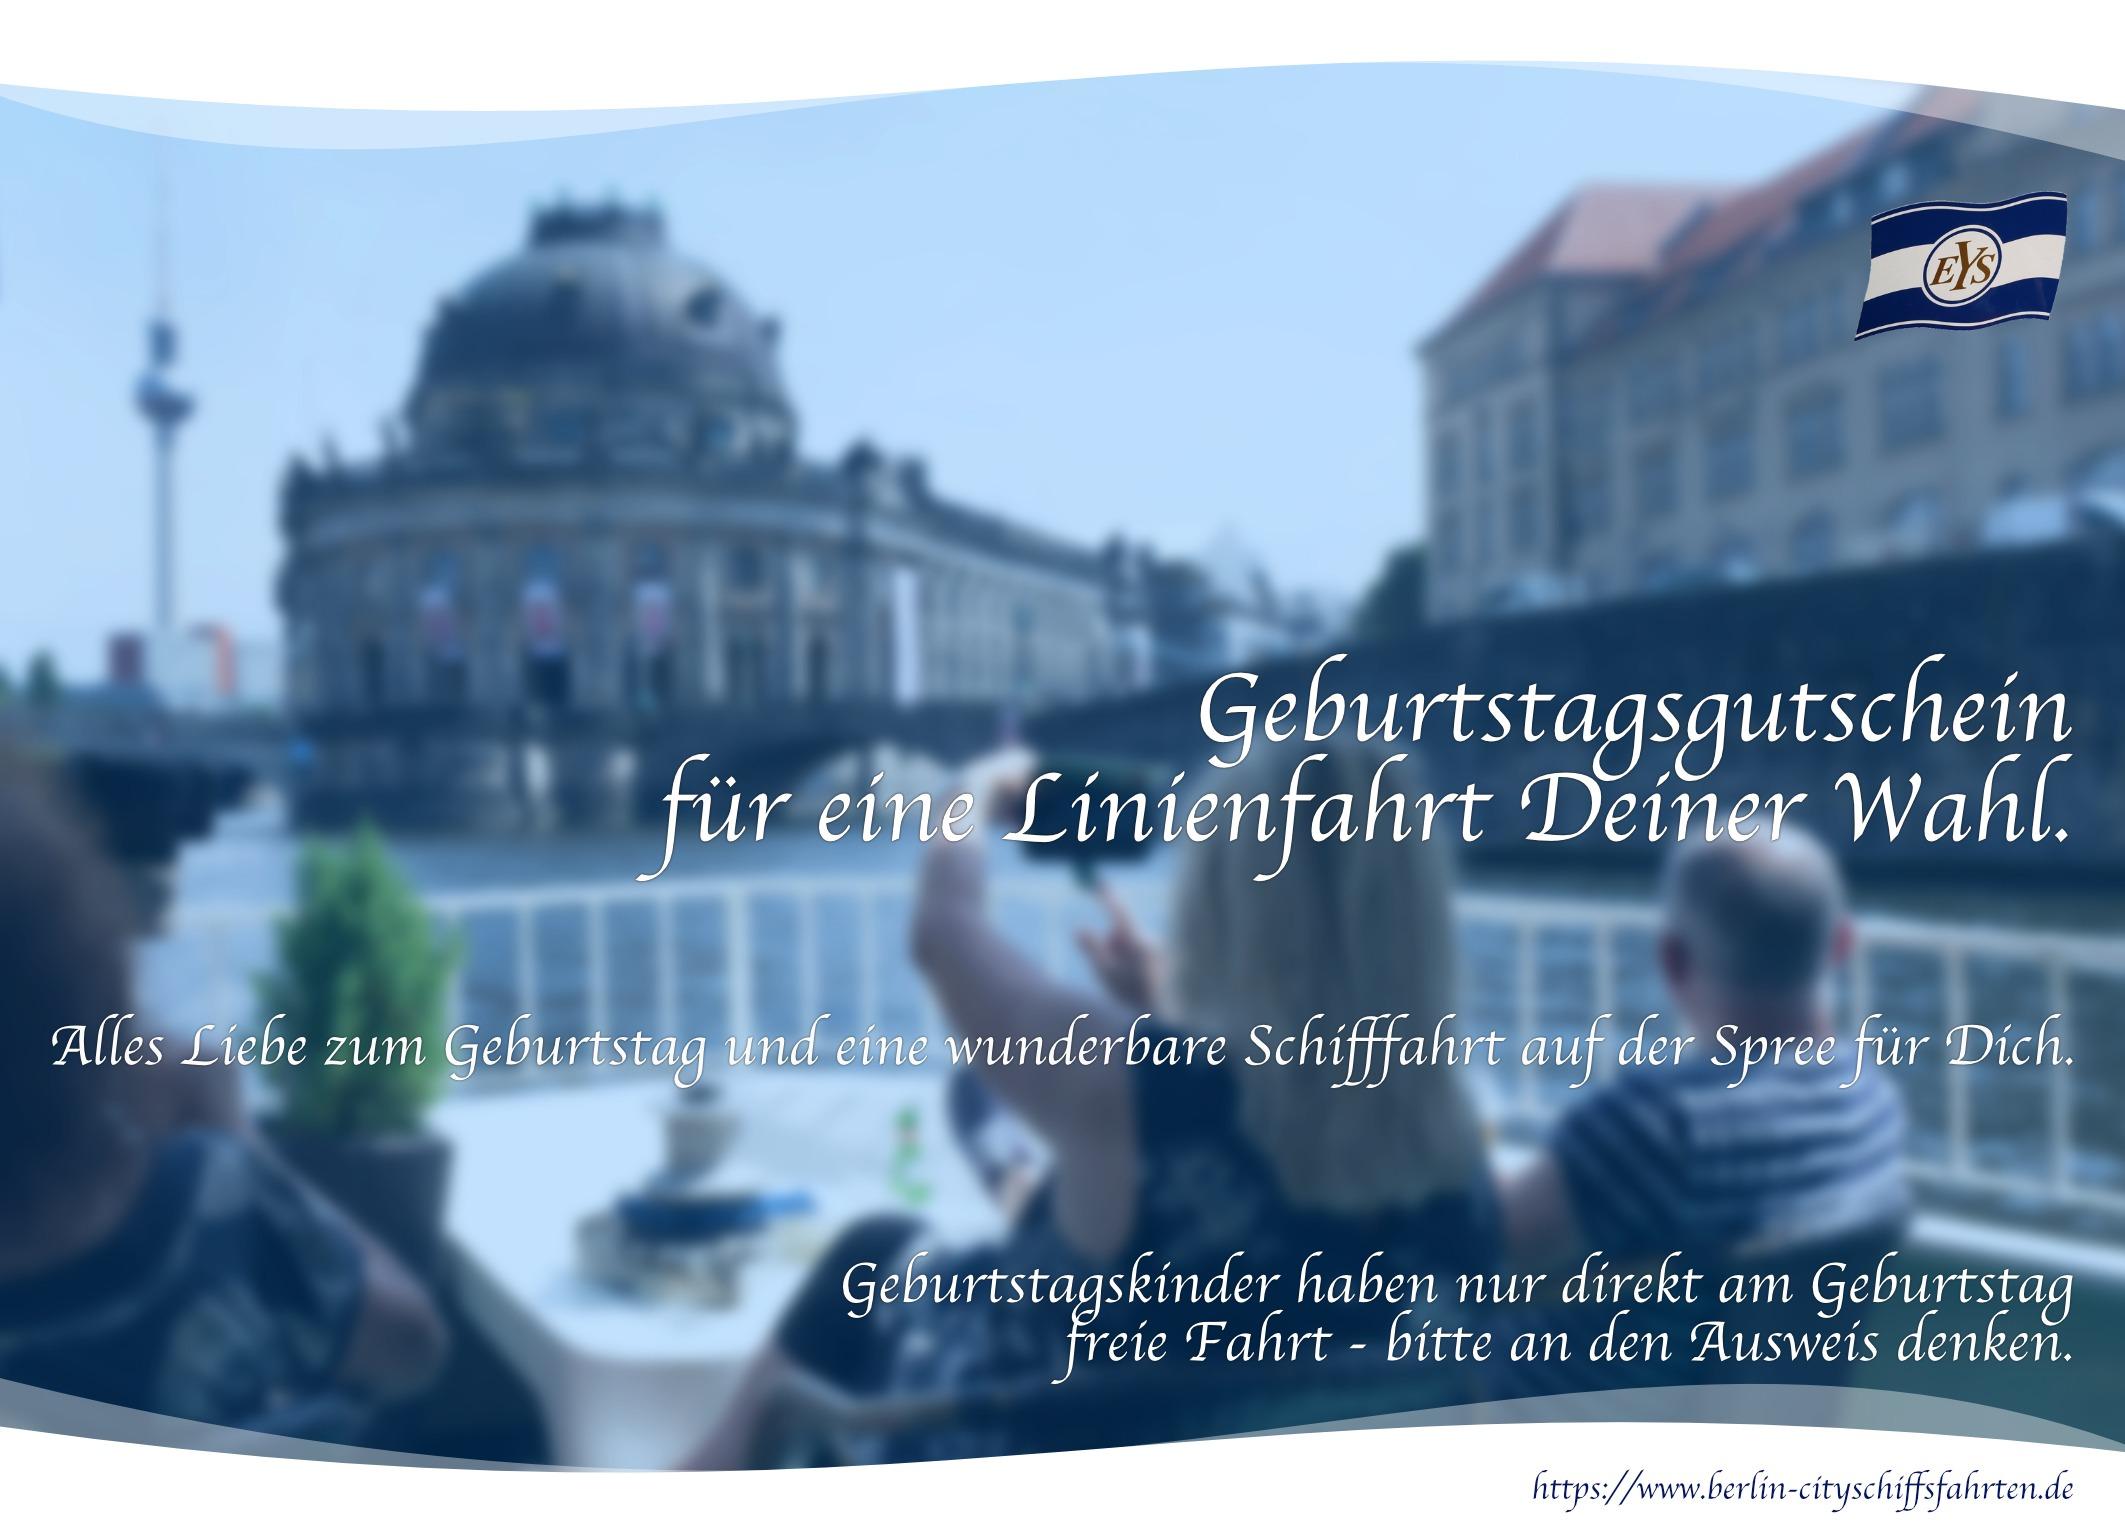 Geburtstag kostenlos in berlin